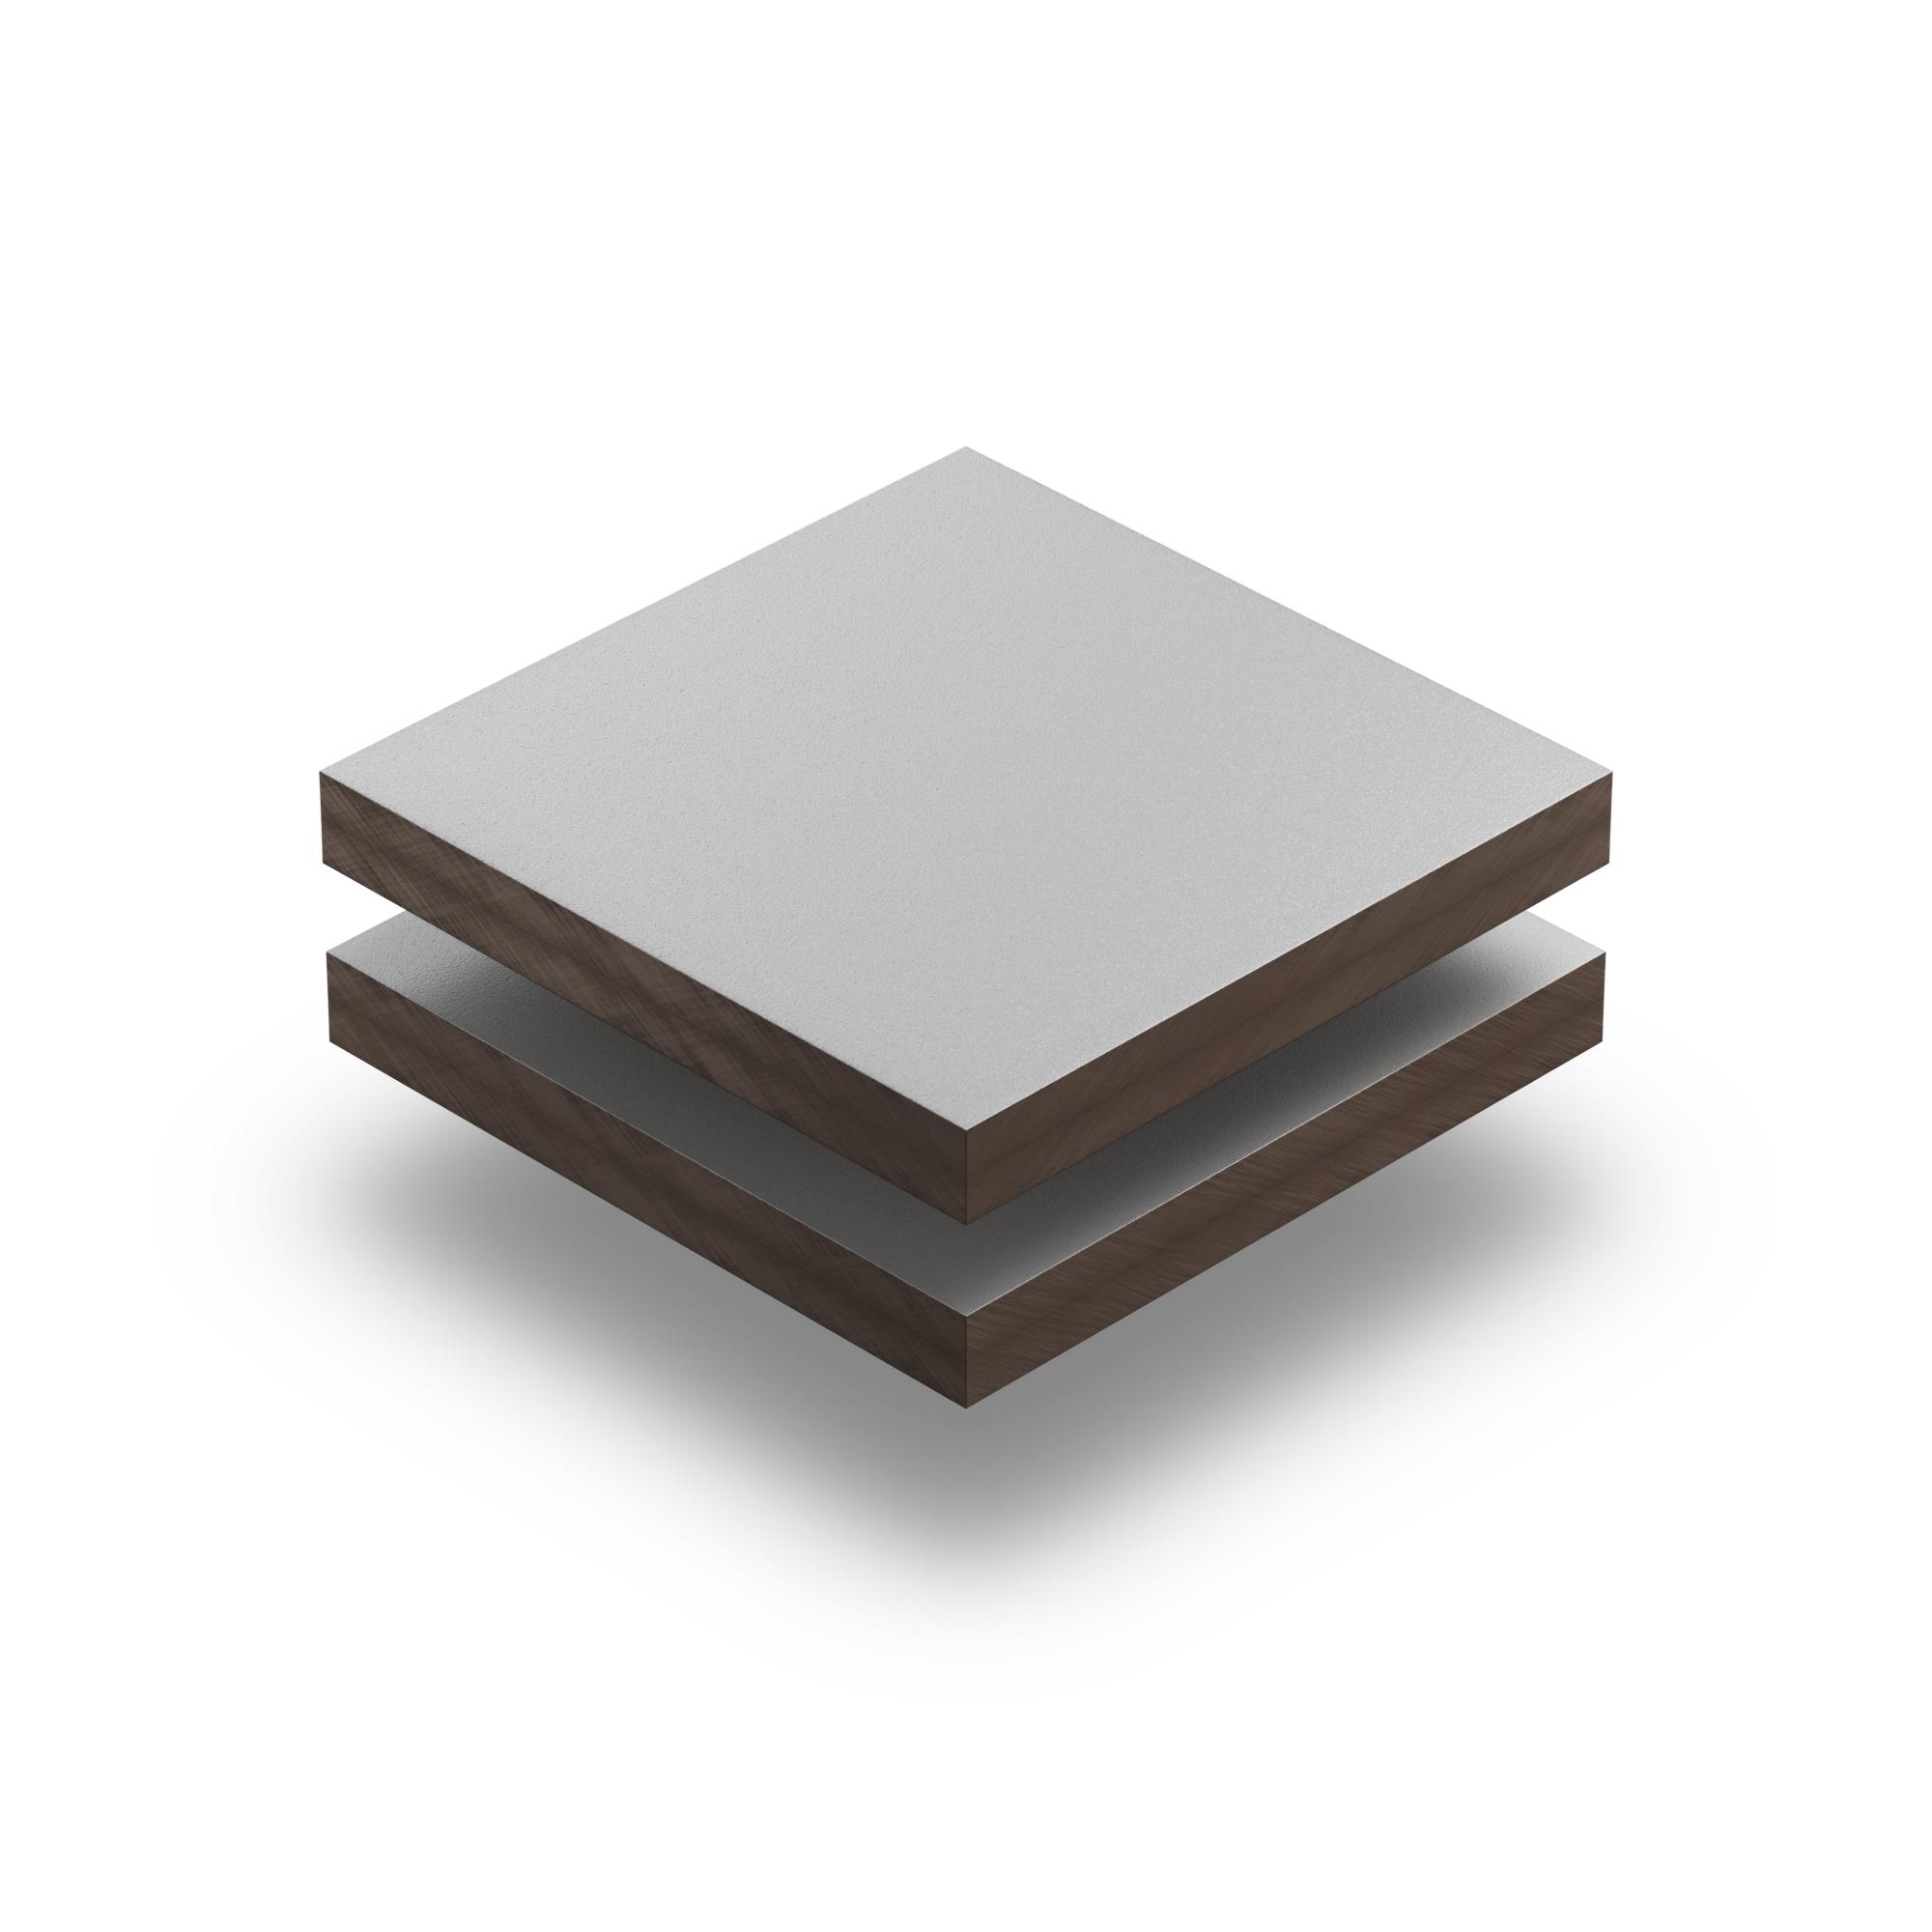 hpl plaat 6 mm lichtgrijs structuur gratis op maat gezaagd. Black Bedroom Furniture Sets. Home Design Ideas